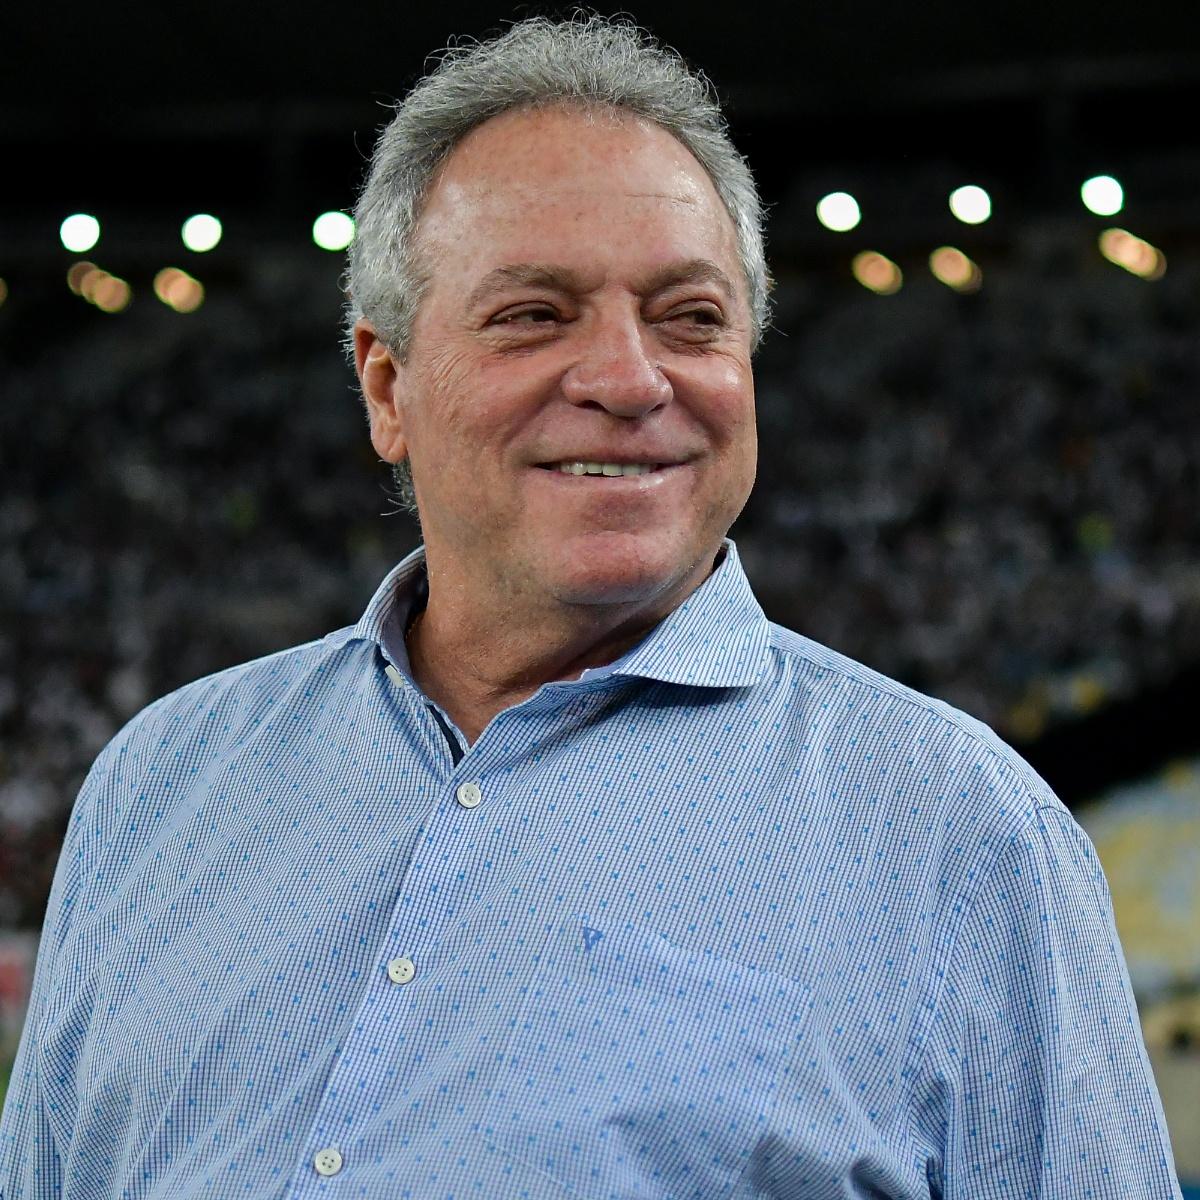 Abel Opina Sobre Saida De Jorge Jesus Do Flamengo Fez Uma Grande Bobagem Tnt Sports